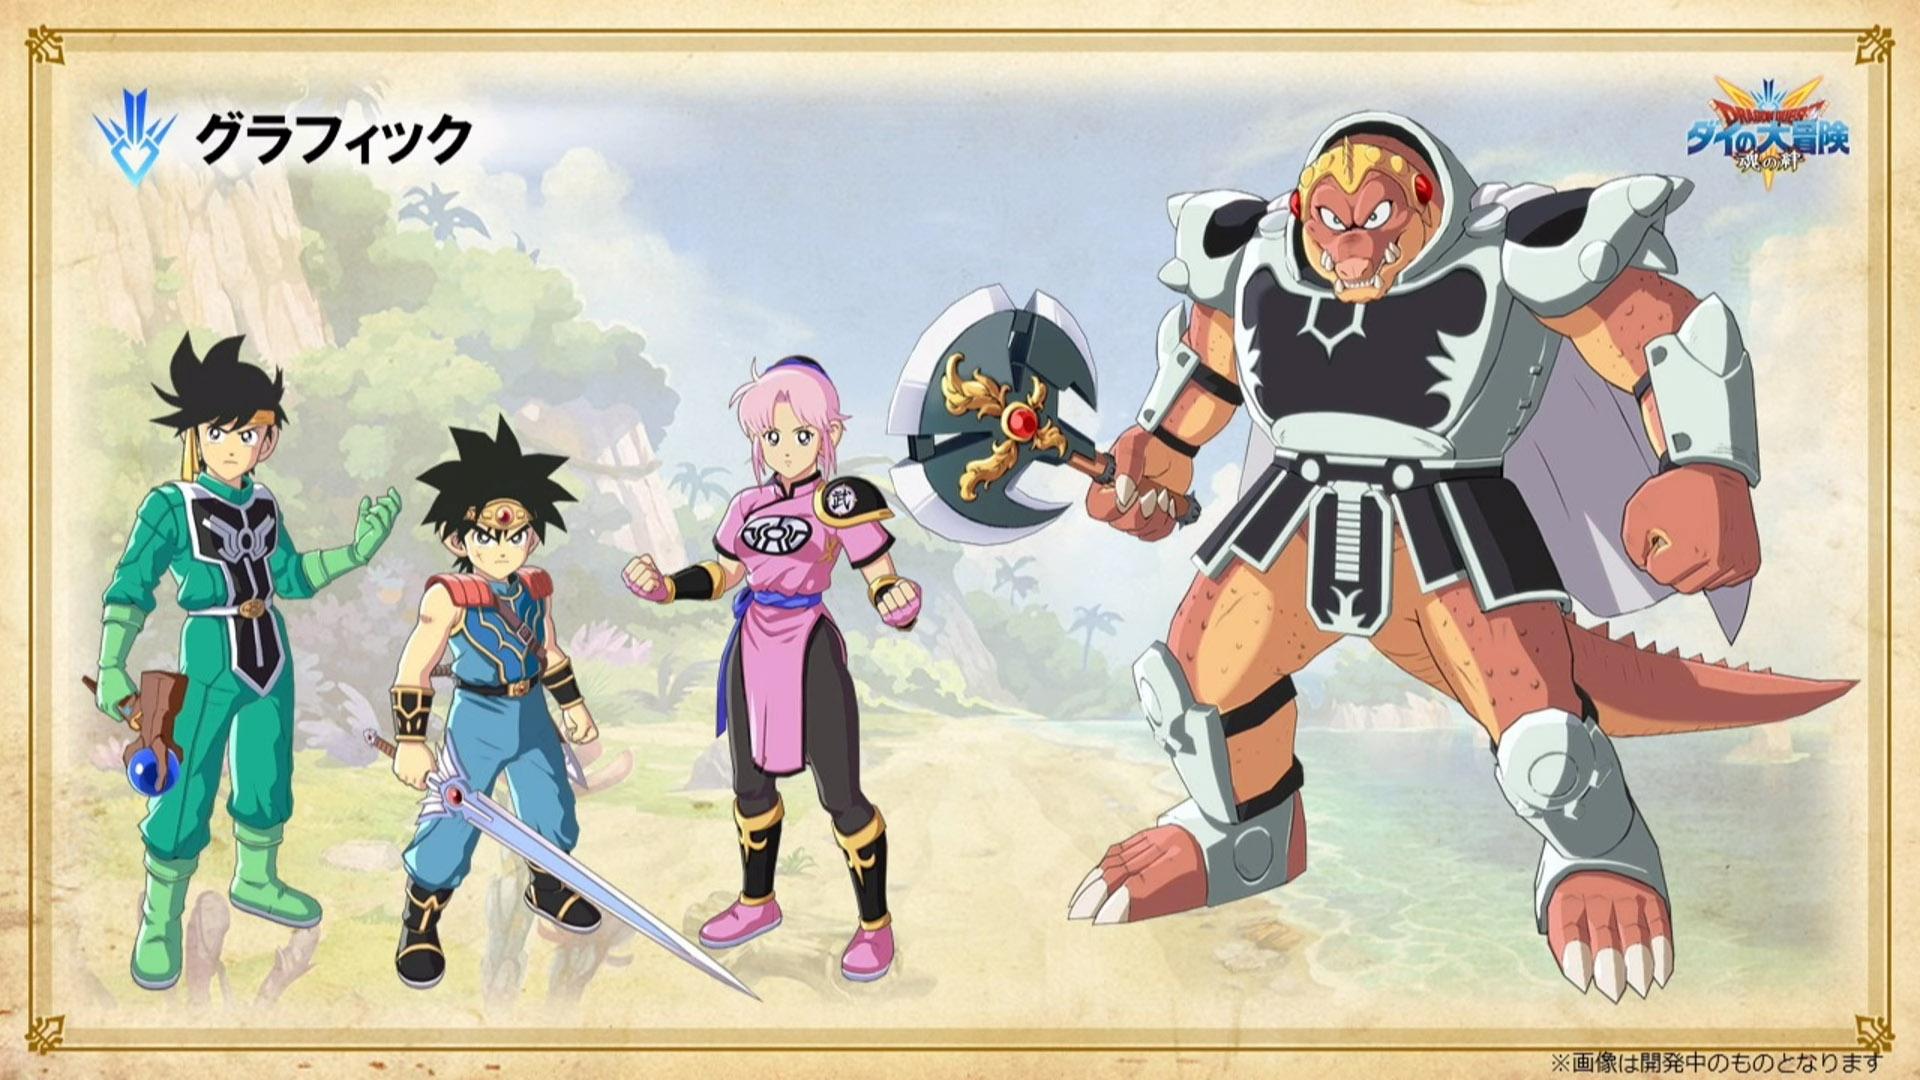 Dragon Quest: The Adventure of Dai é anunciado para iOS e Android 2